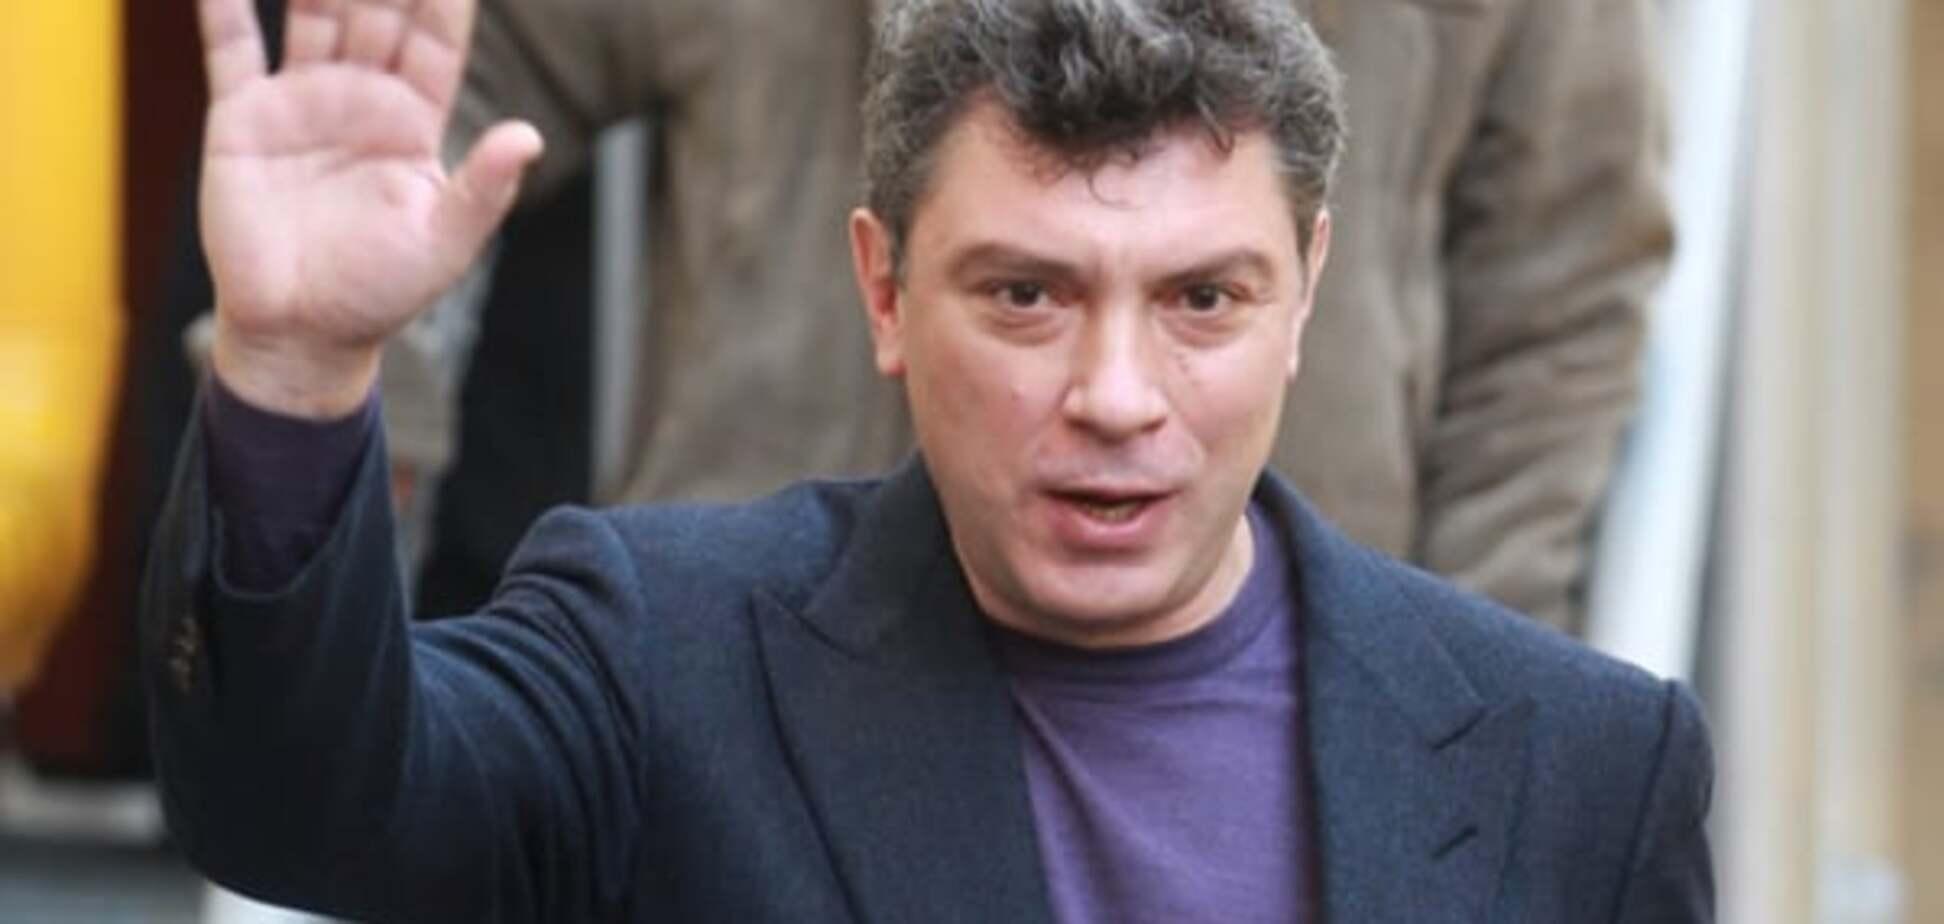 Нова експертиза встановила, хто насправді вбив Нємцова